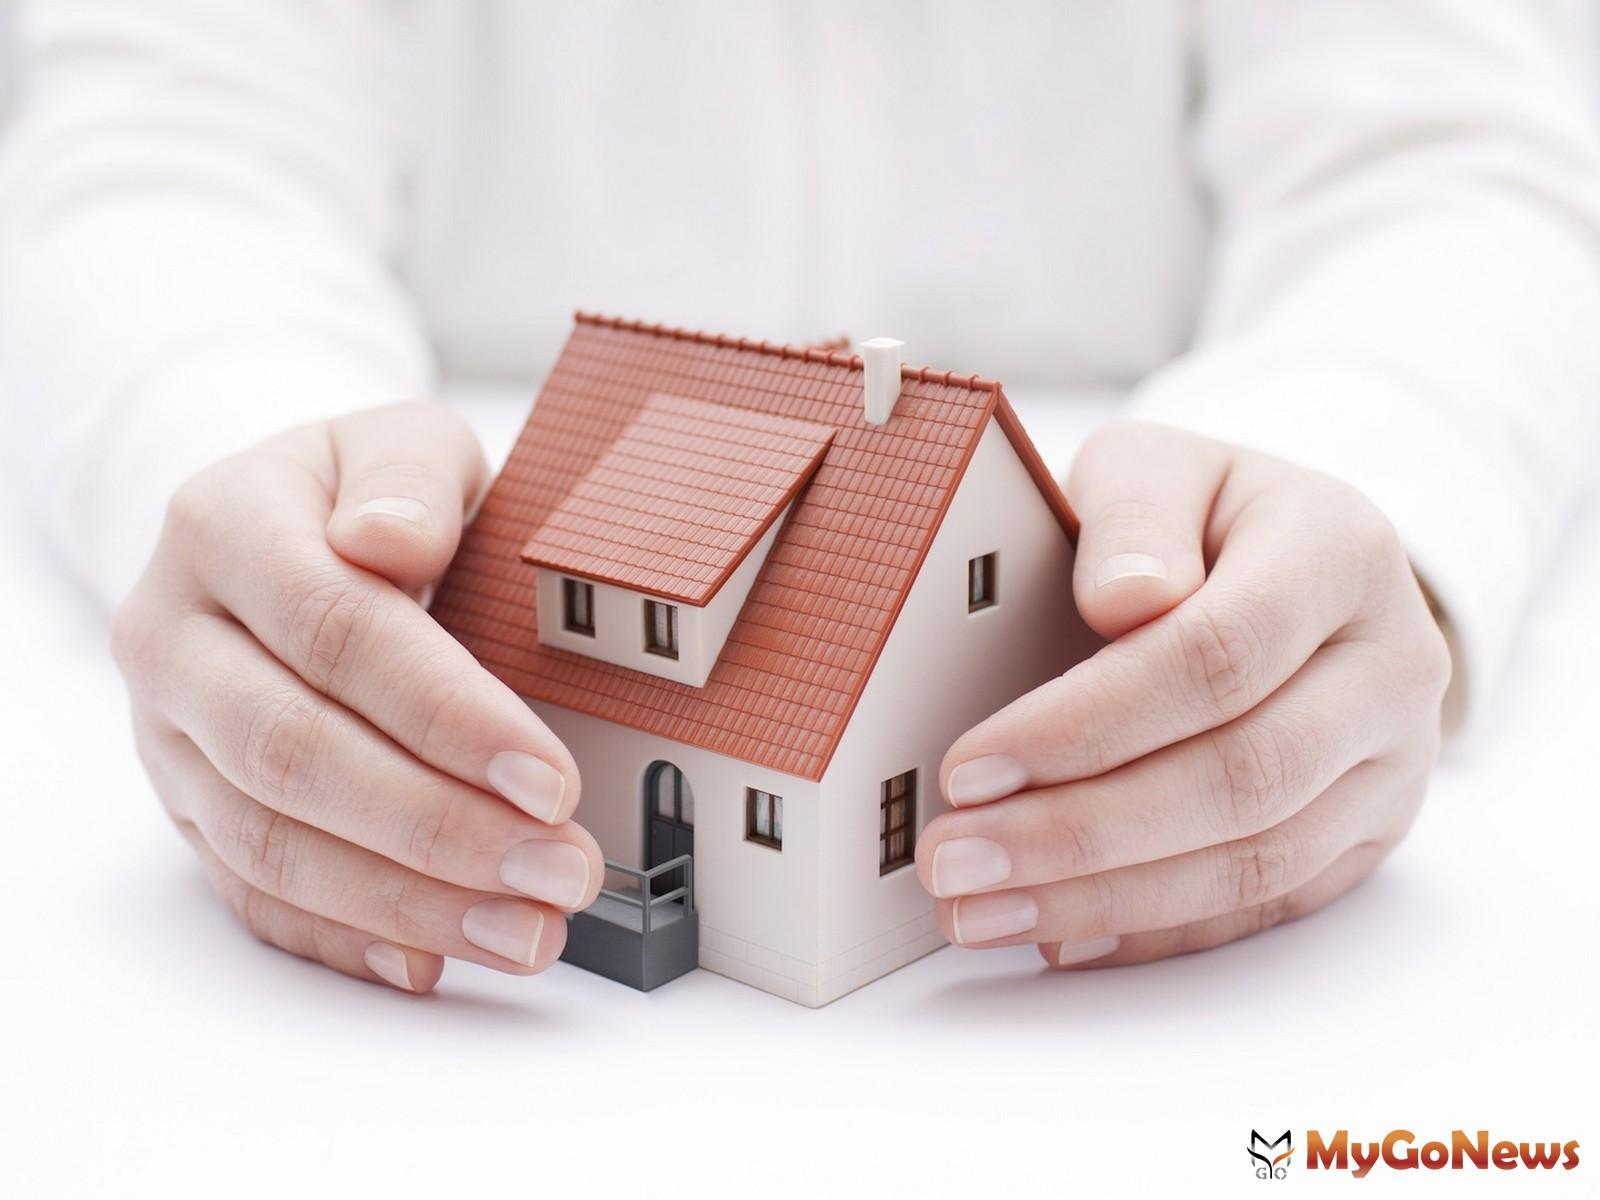 房地合一稅2.0即將上線 專家帶您溫習有何差異(圖/21世紀不動產) MyGoNews房地產新聞 房地稅務